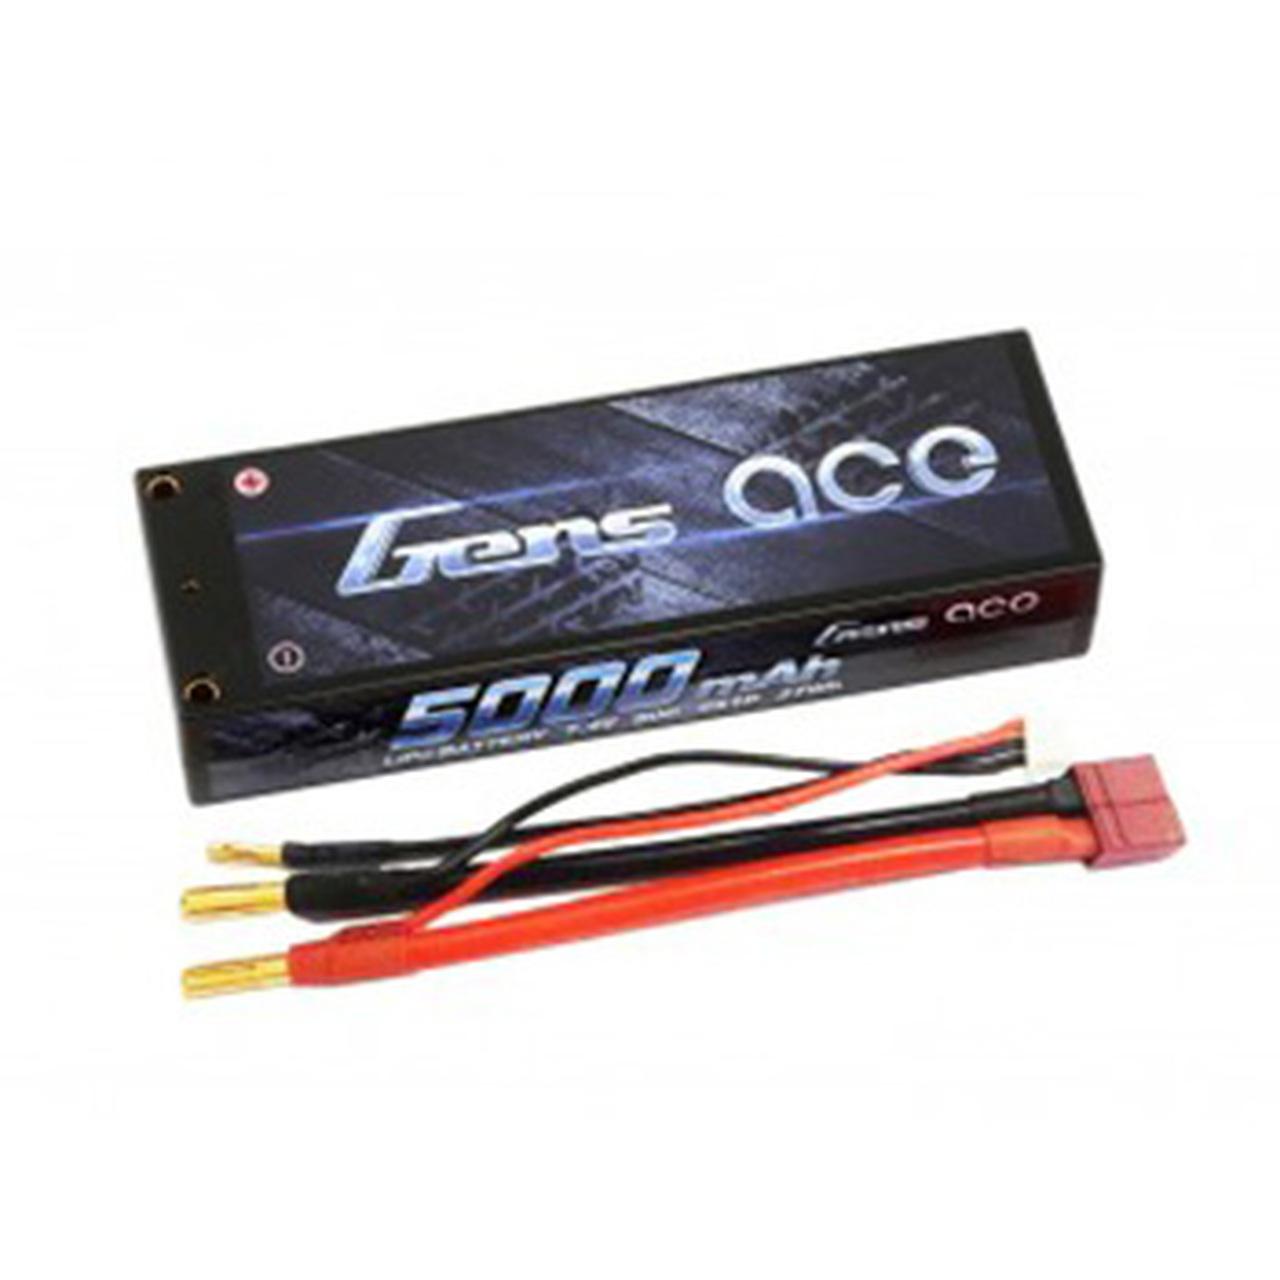 Gens ace 5000mAh 7.4V 50C 2S1P HardCase Lipo Battery Pack 10#